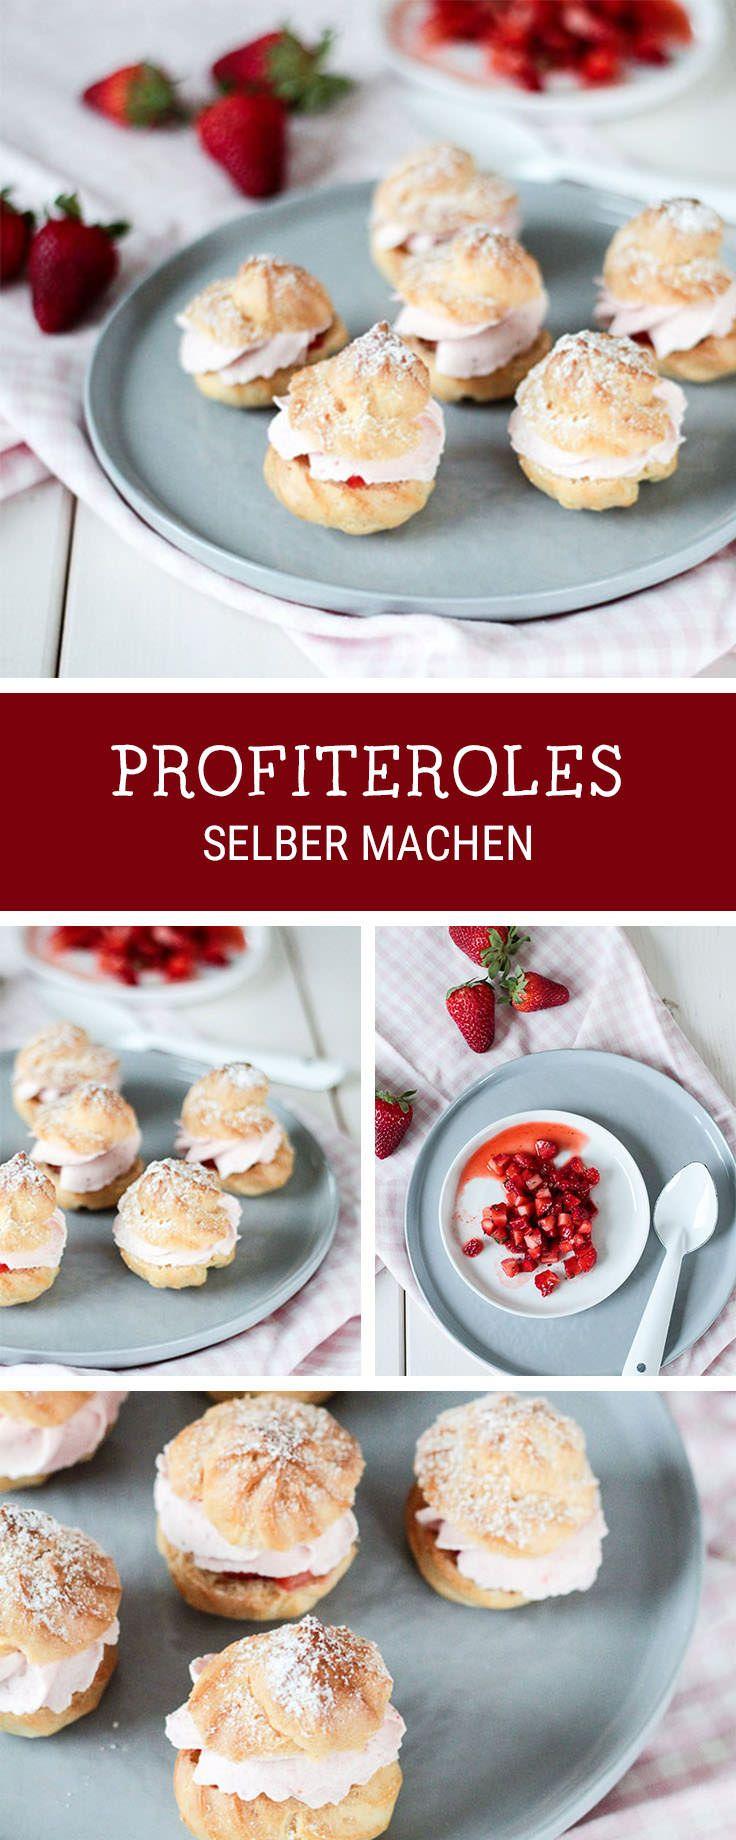 Rezept für ein süßes Dessert: Profiteroles mit Erdbeeren, Windbeutel selbermachen / creamy profiteroles with strawberries, dessert recipe via DaWanda.com